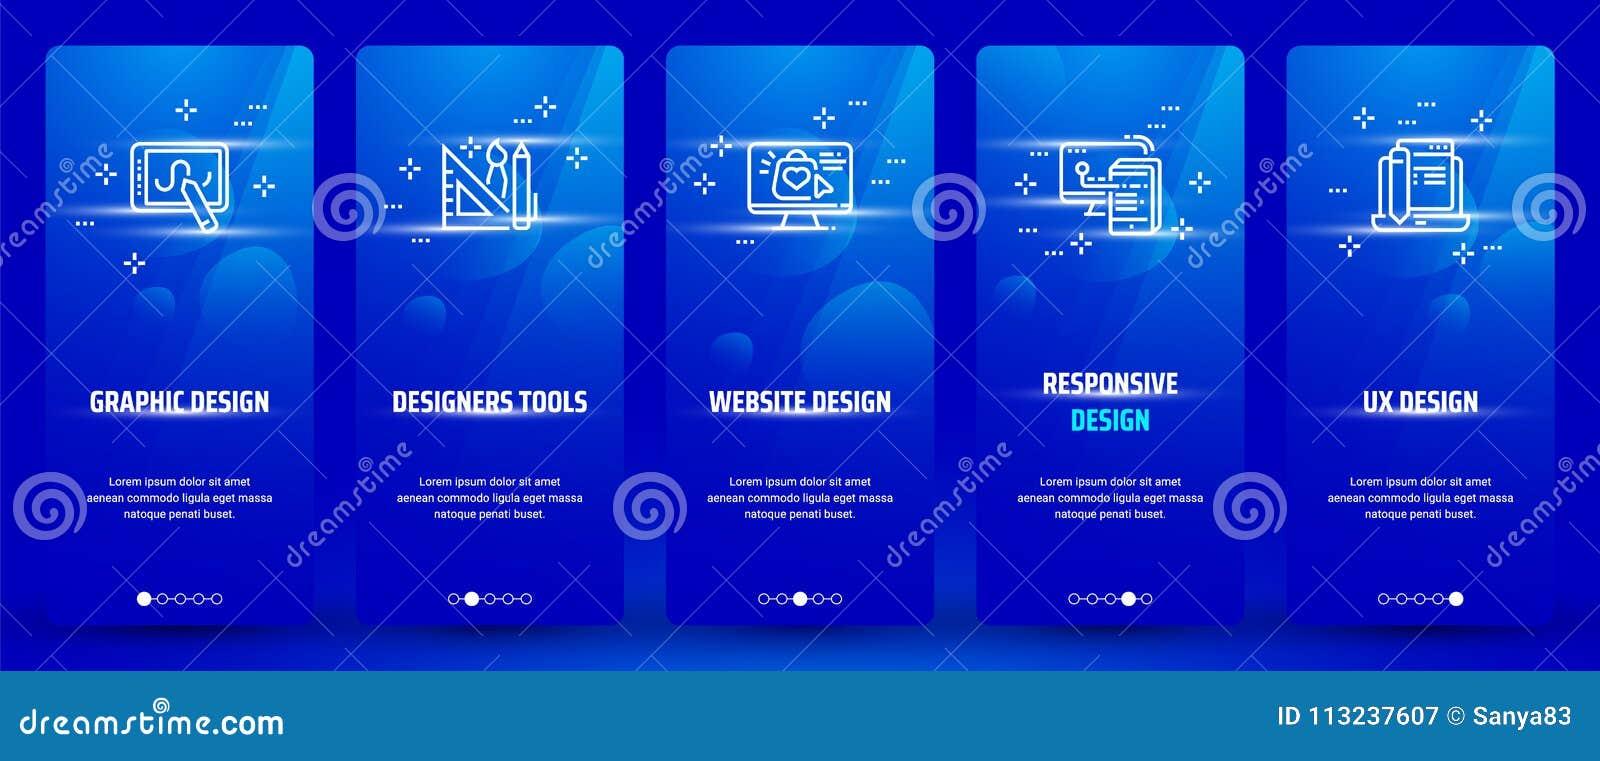 Grafisk design, formgivarehjälpmedel, Websitedesign, svars- design, vertikala kort för UX design med starka metaforer